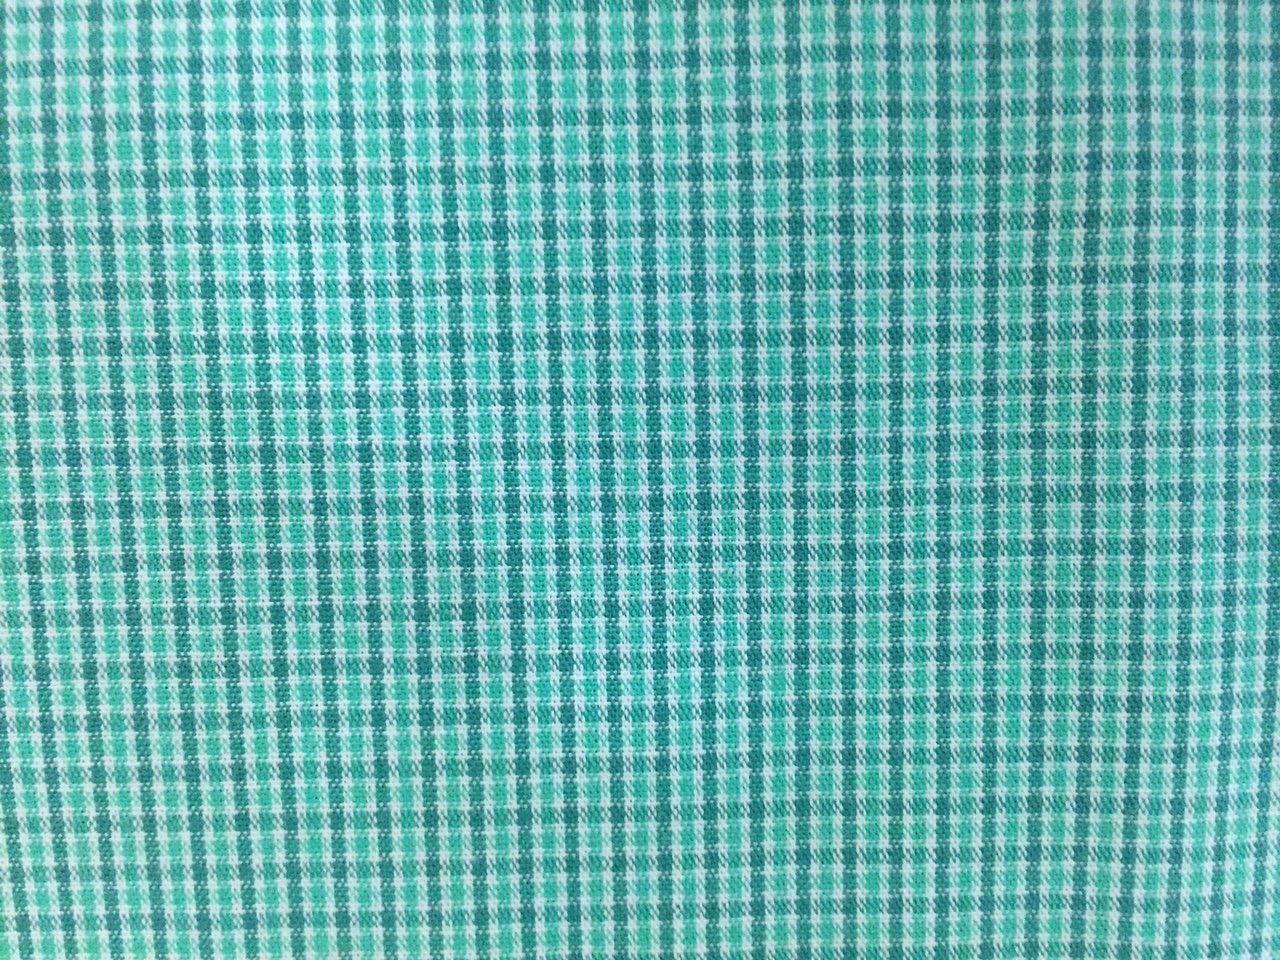 Green Micro Tri-Check 58